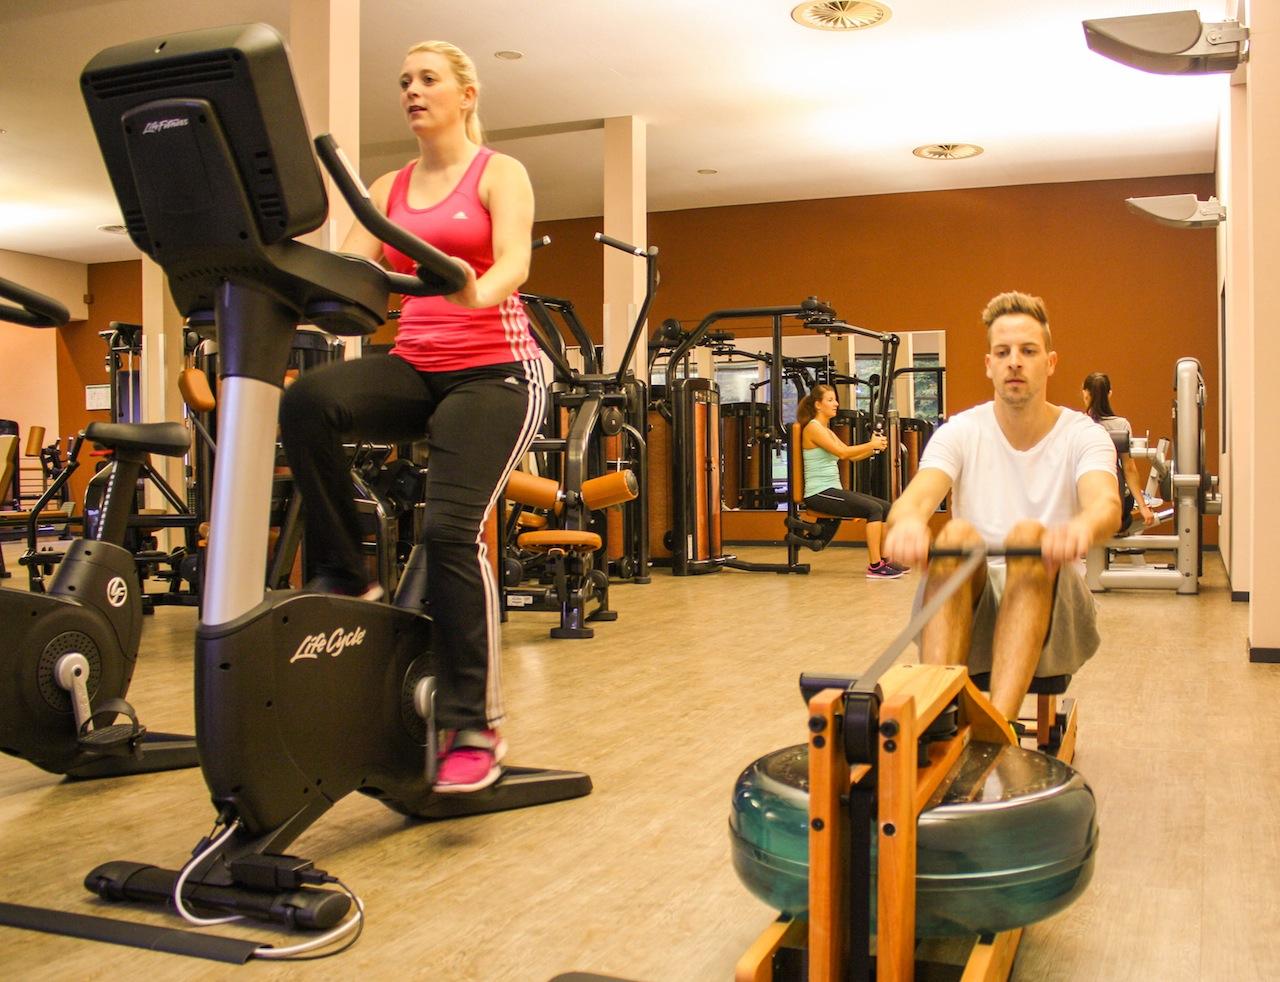 Der gut ausgestatte FitnessClub im VitaSol / © VitaSol Therme GmbH